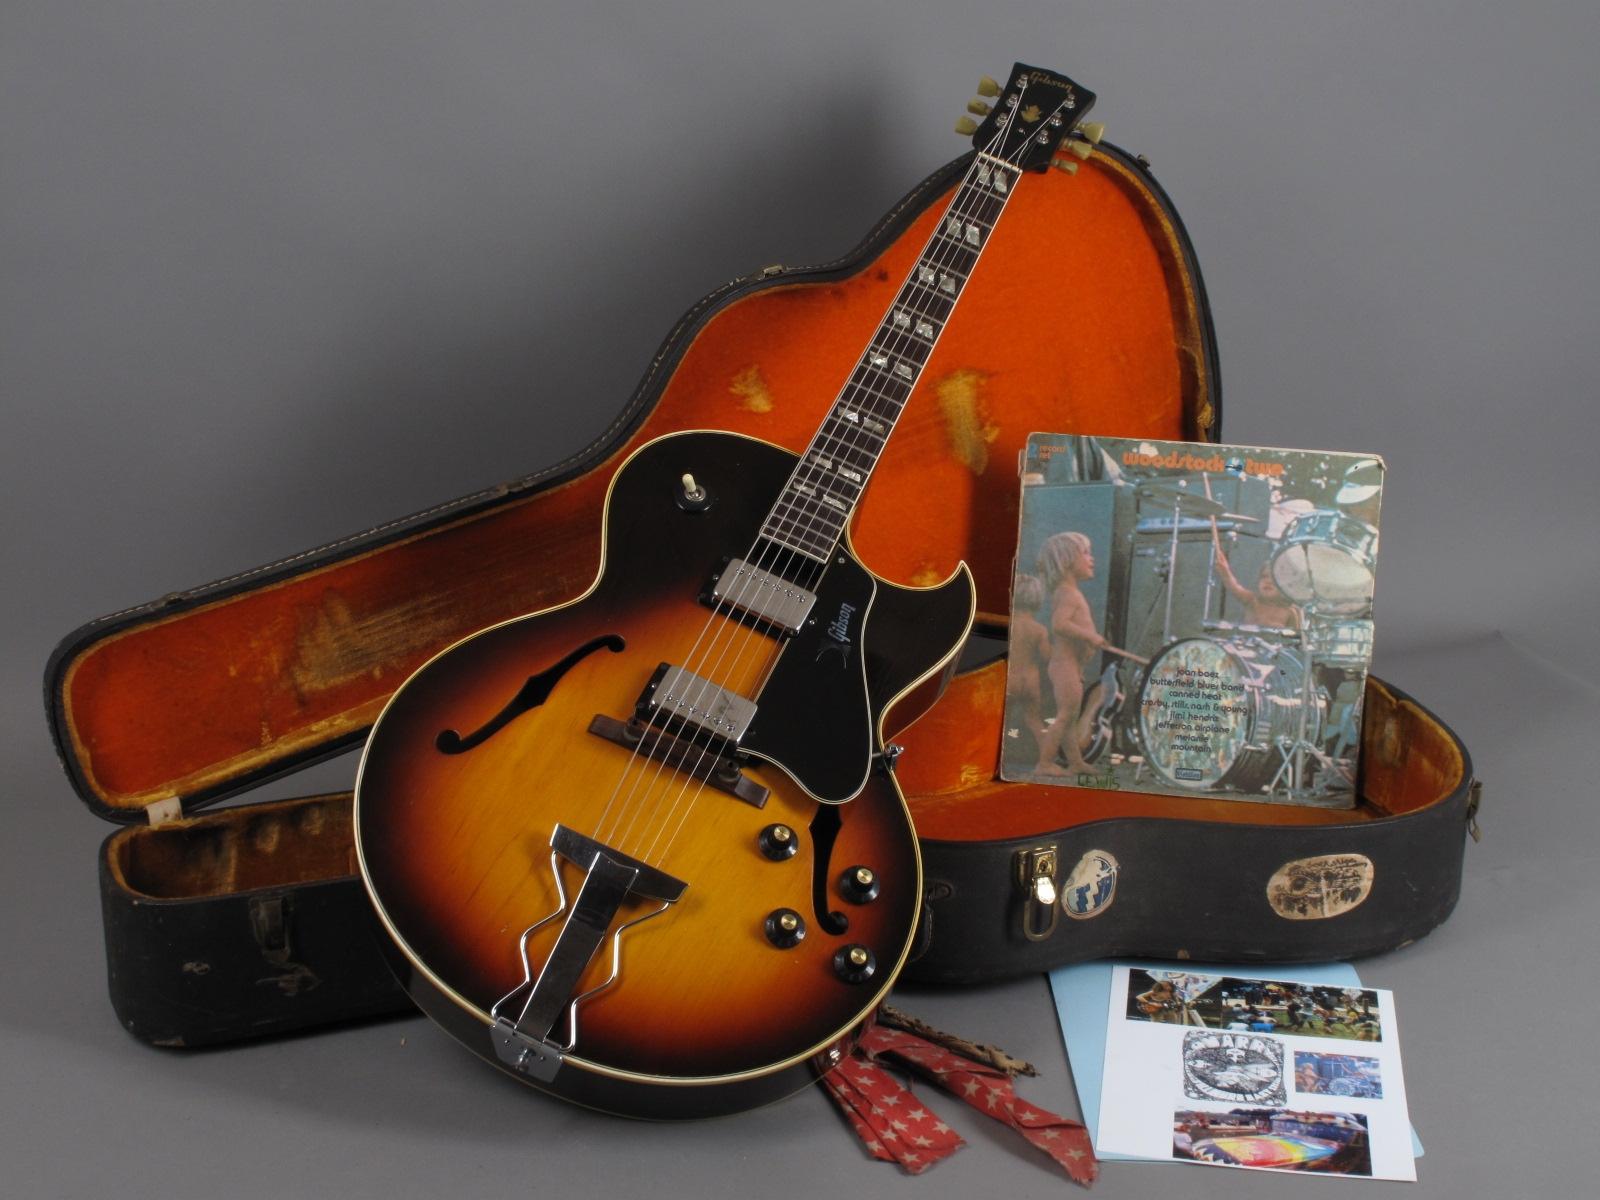 https://guitarpoint.de/app/uploads/products/1968-gibson-es-175-td-sunburst-live-guitar-from-woodstock/1968-Gibson-ES-175-Woodstock-950050_17.jpg